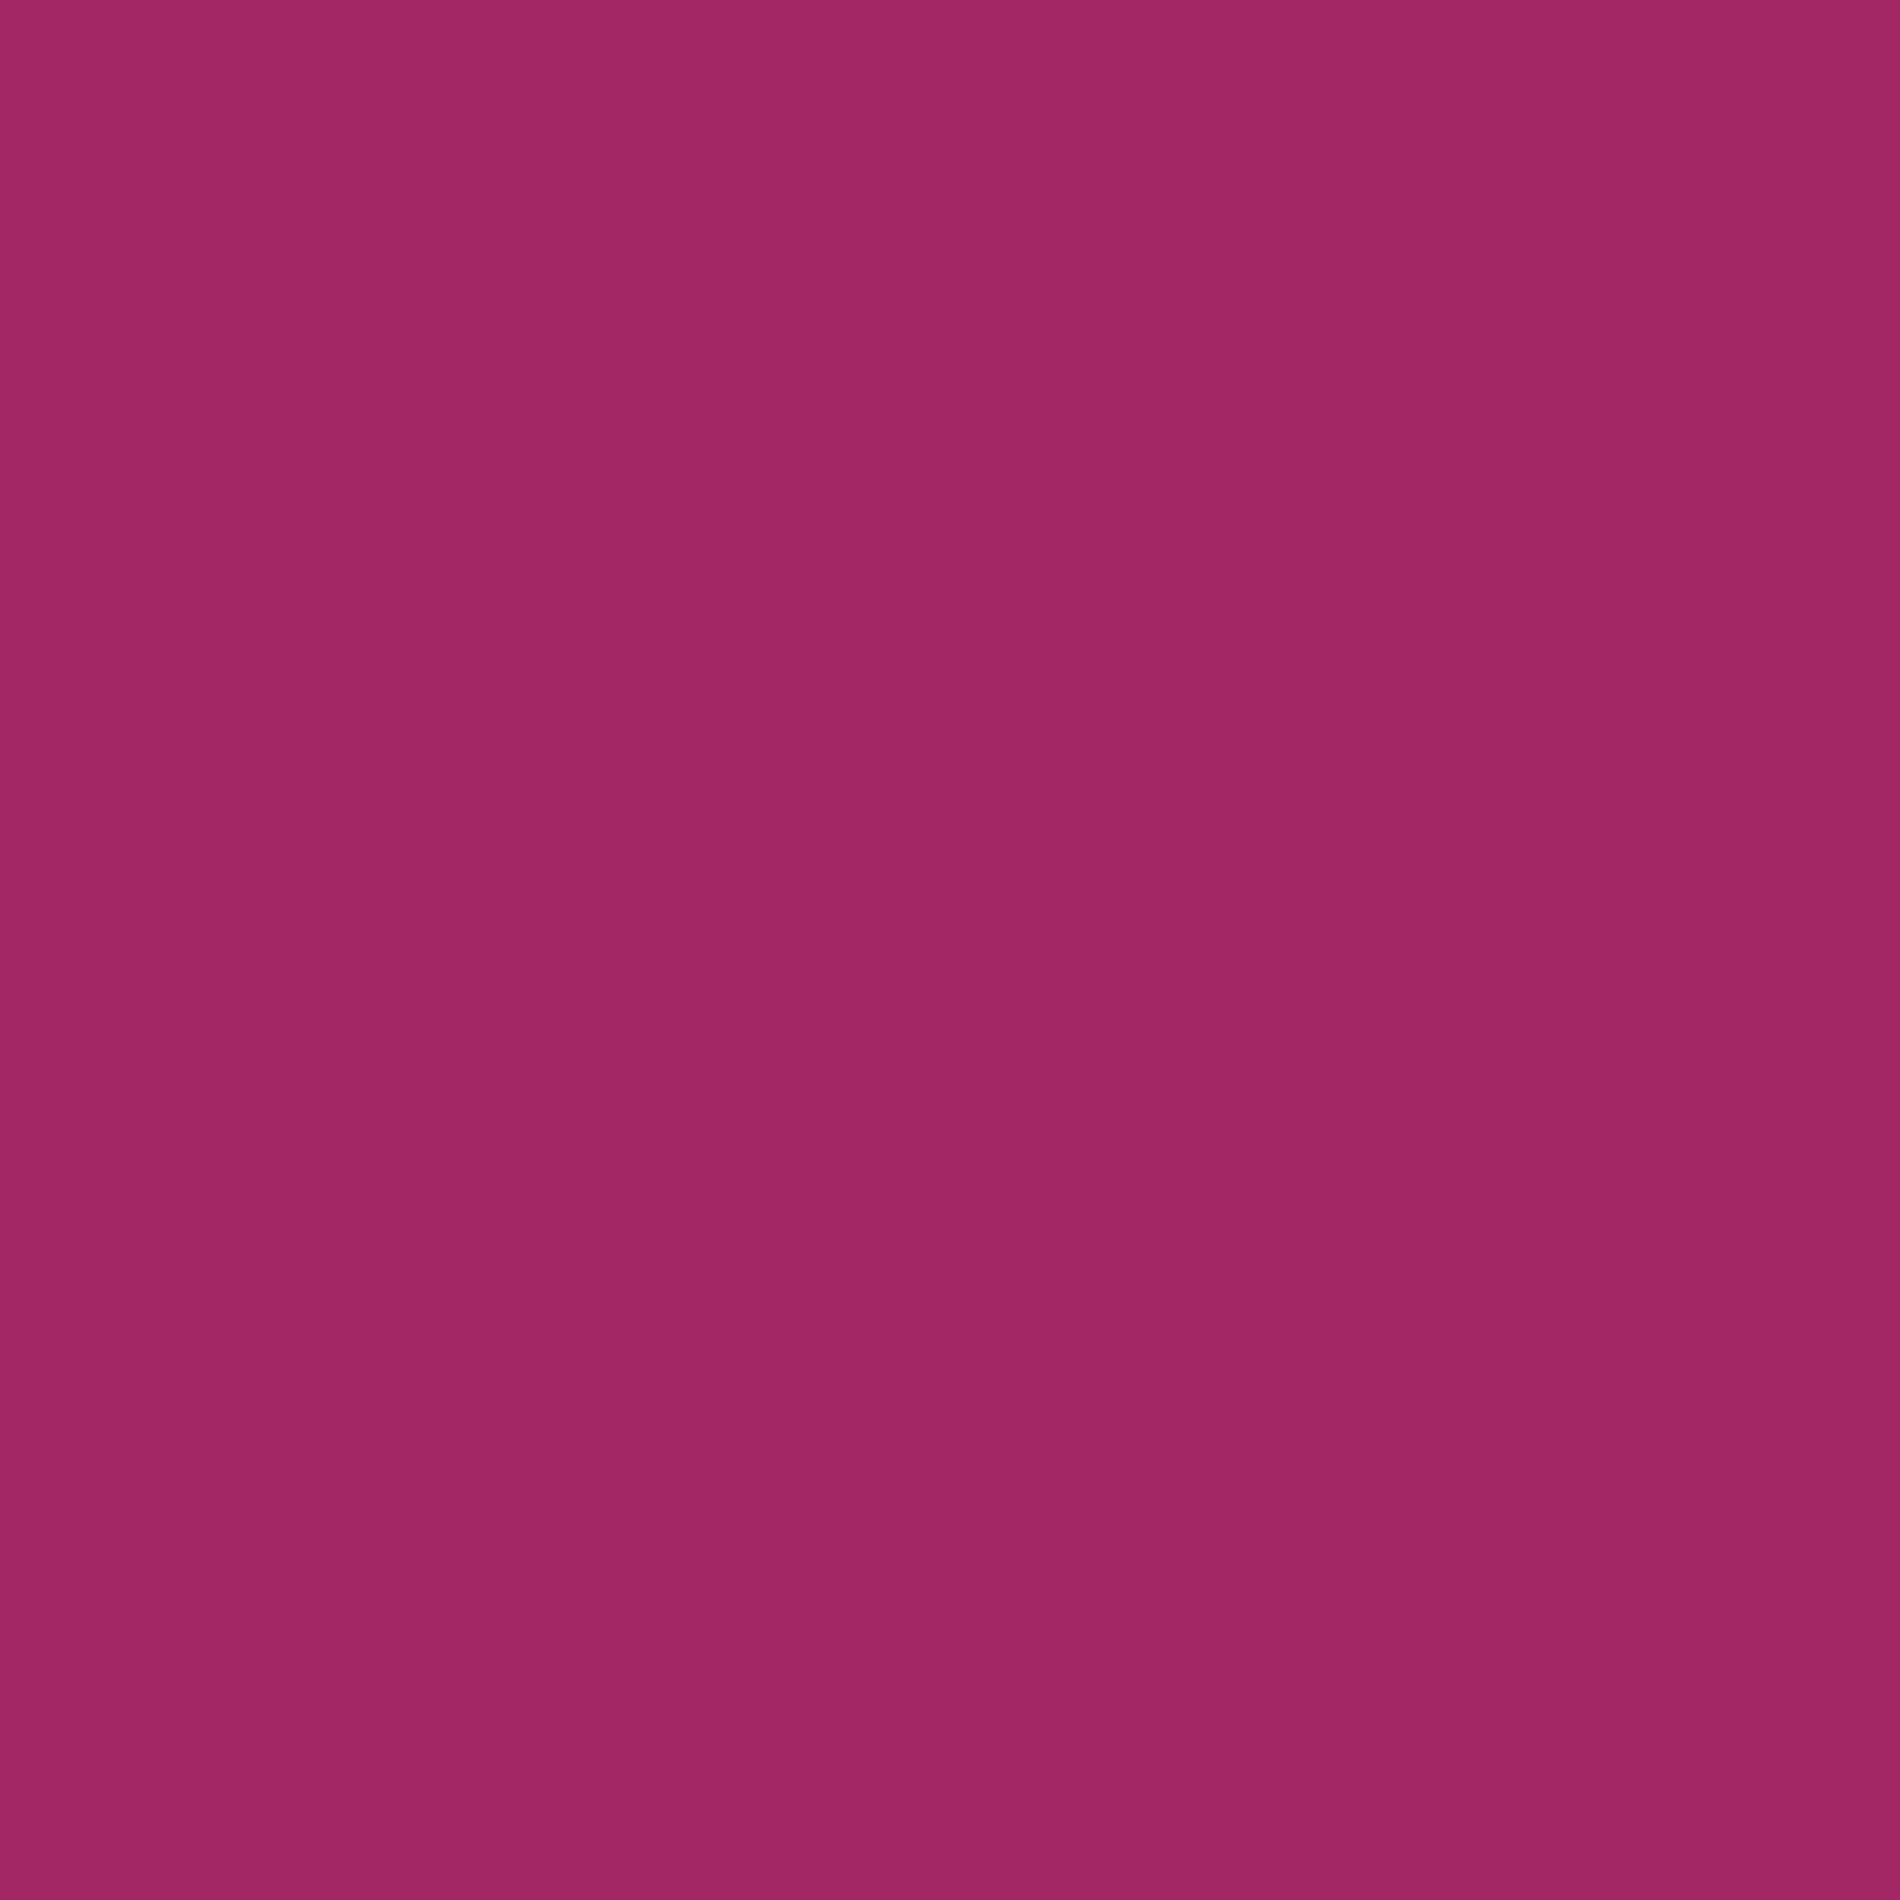 violett 70